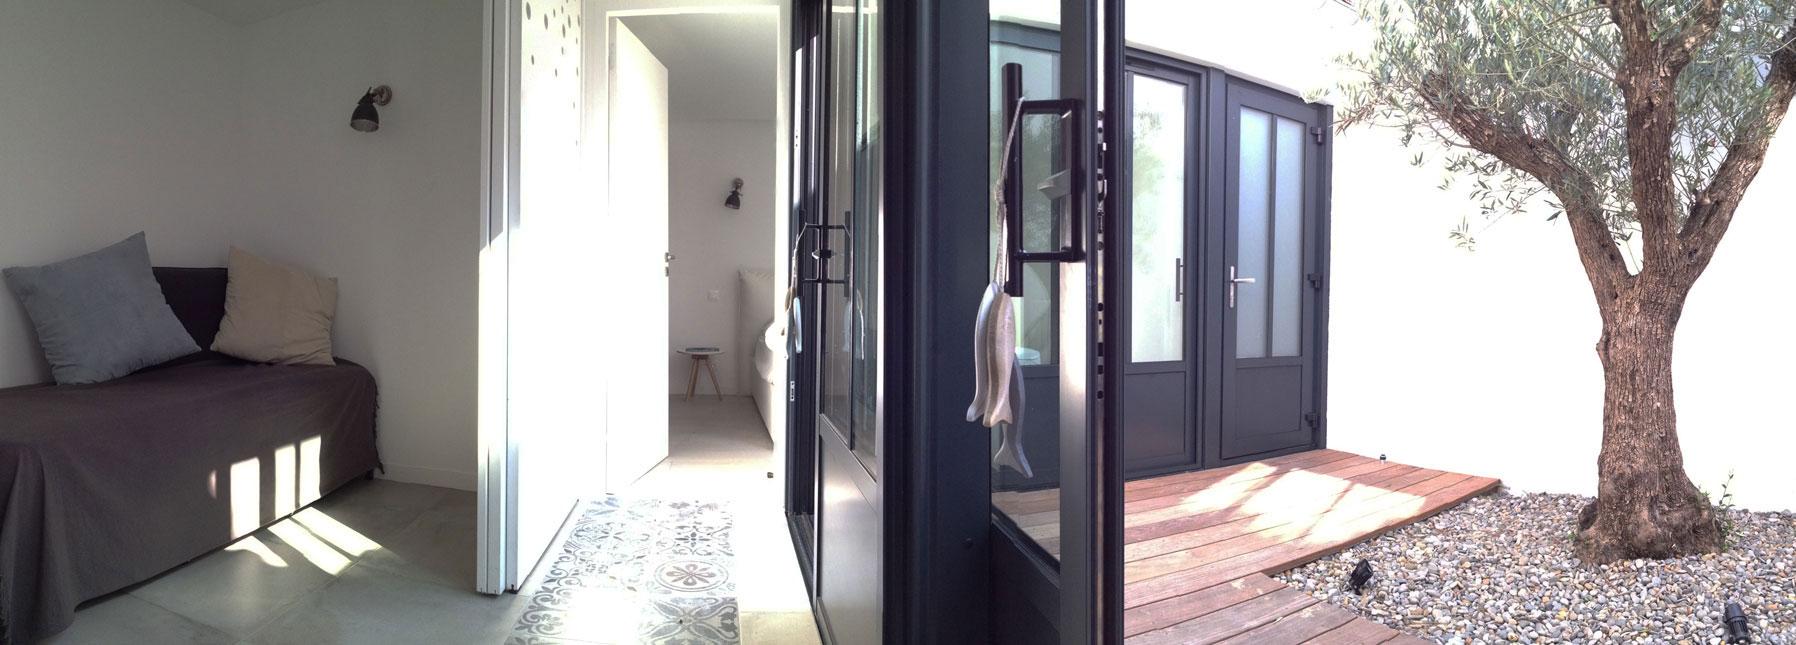 ubik architectes - rénovation maison - ile de ré 17